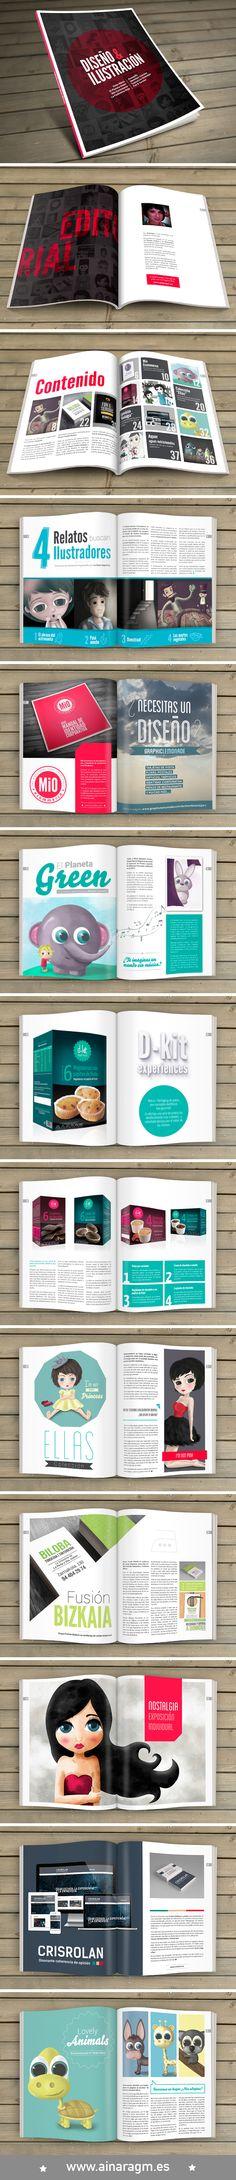 Diseño de revista para mostrar mi portfolio